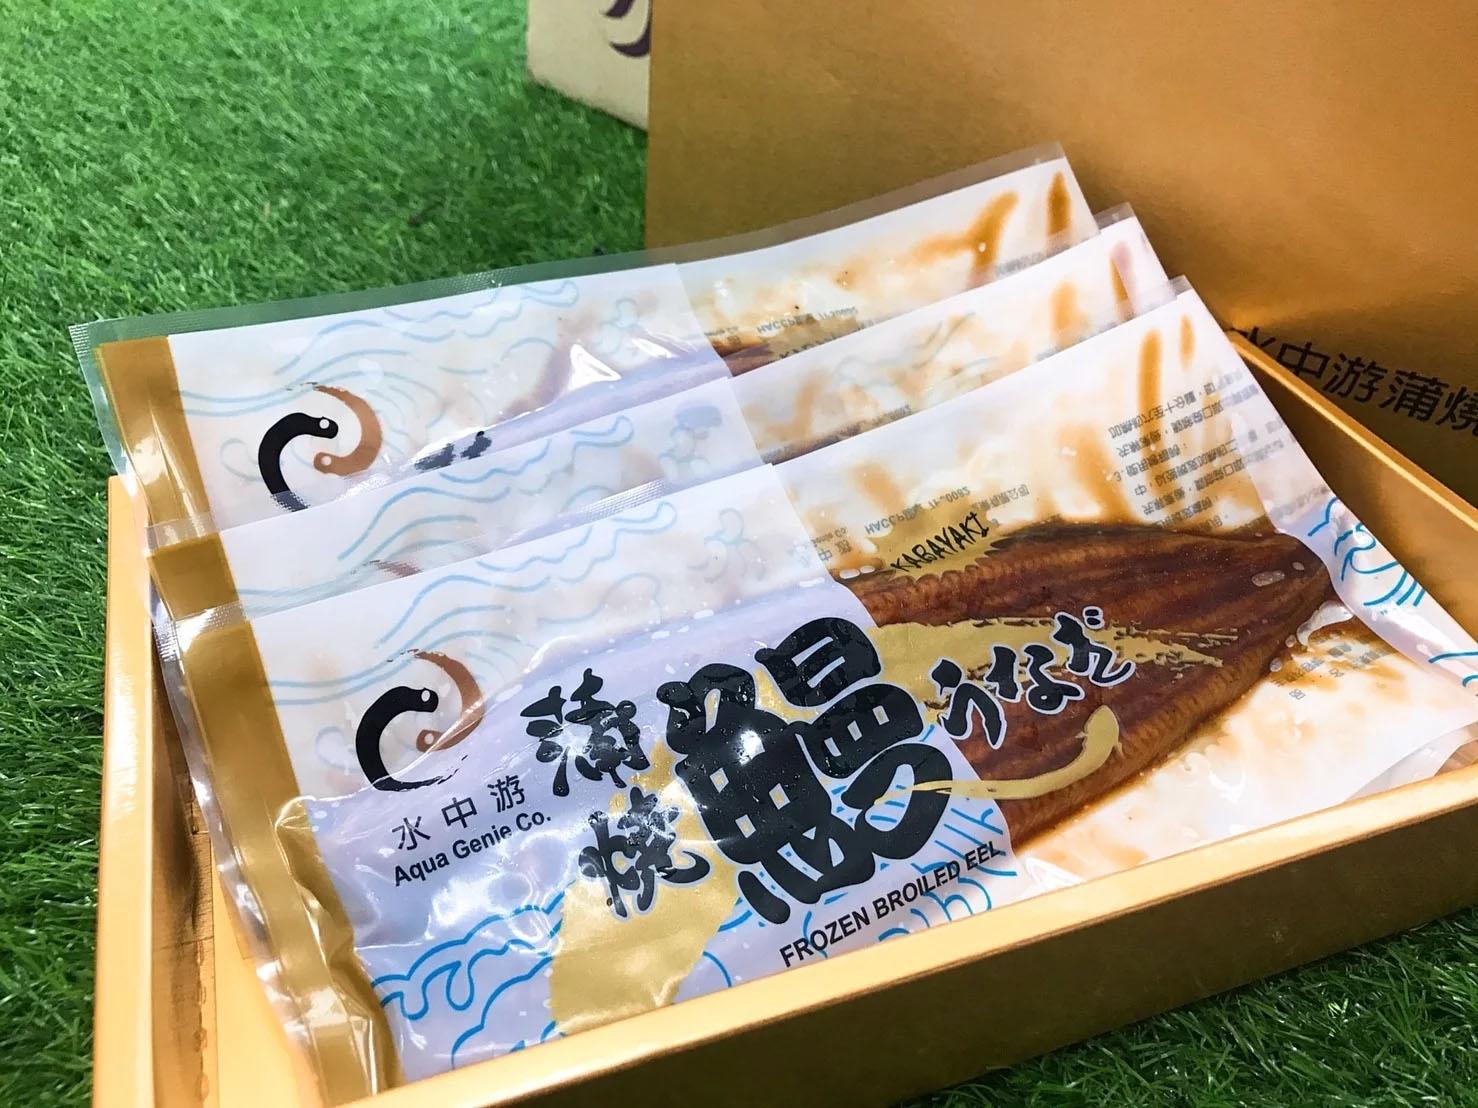 【太忙了】蒲烧鳗礼盒(3入1盒装)